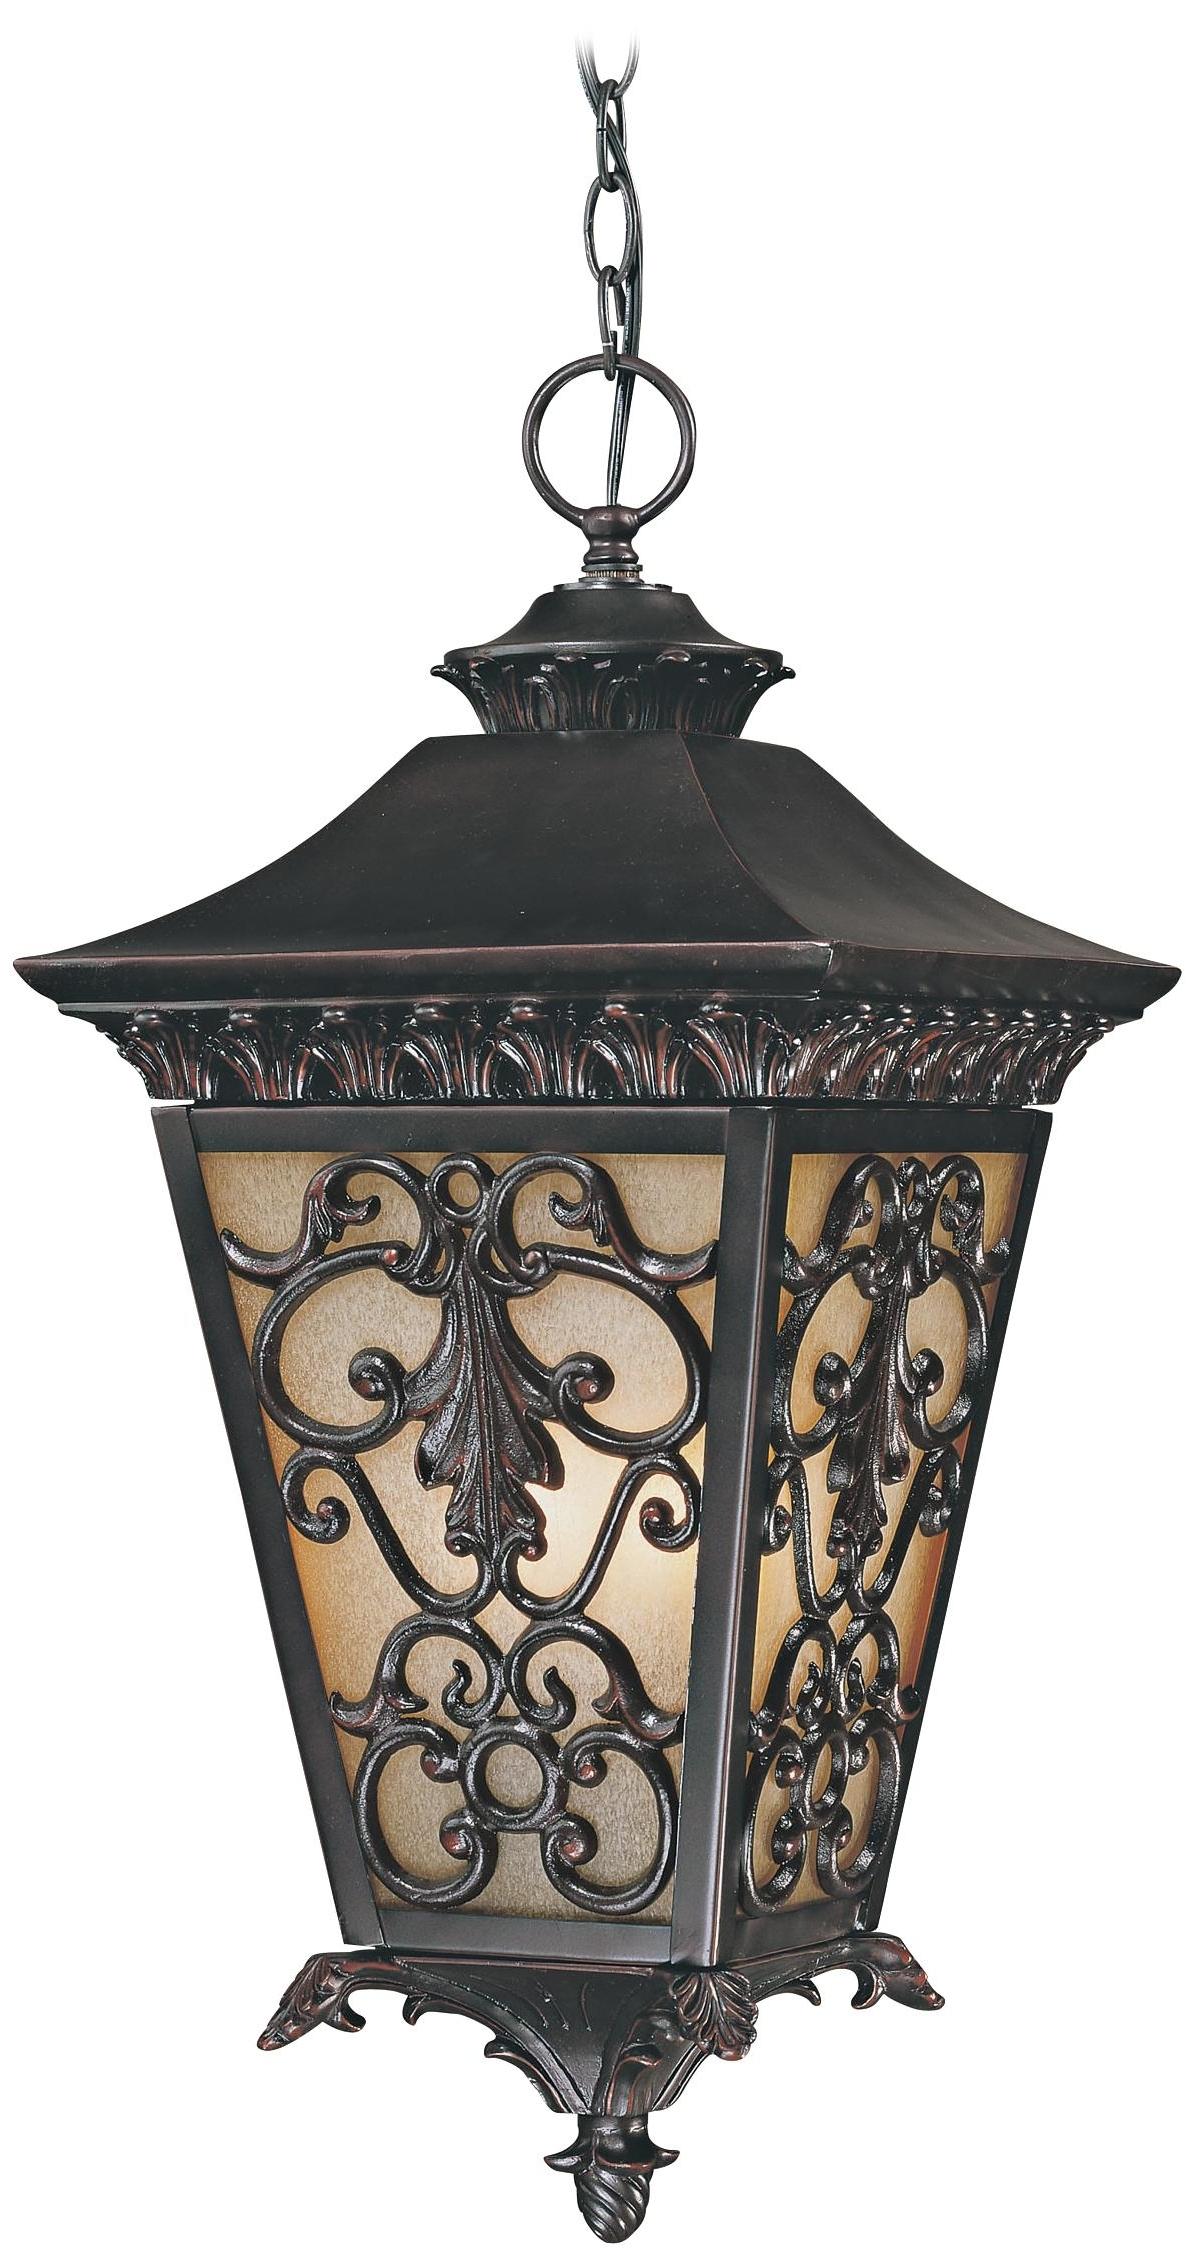 Favorite Outdoor Lighting Pendant Fixtures Regarding Bientina Collection 23 1/4 High Outdoor Hanging Light – (Gallery 8 of 20)